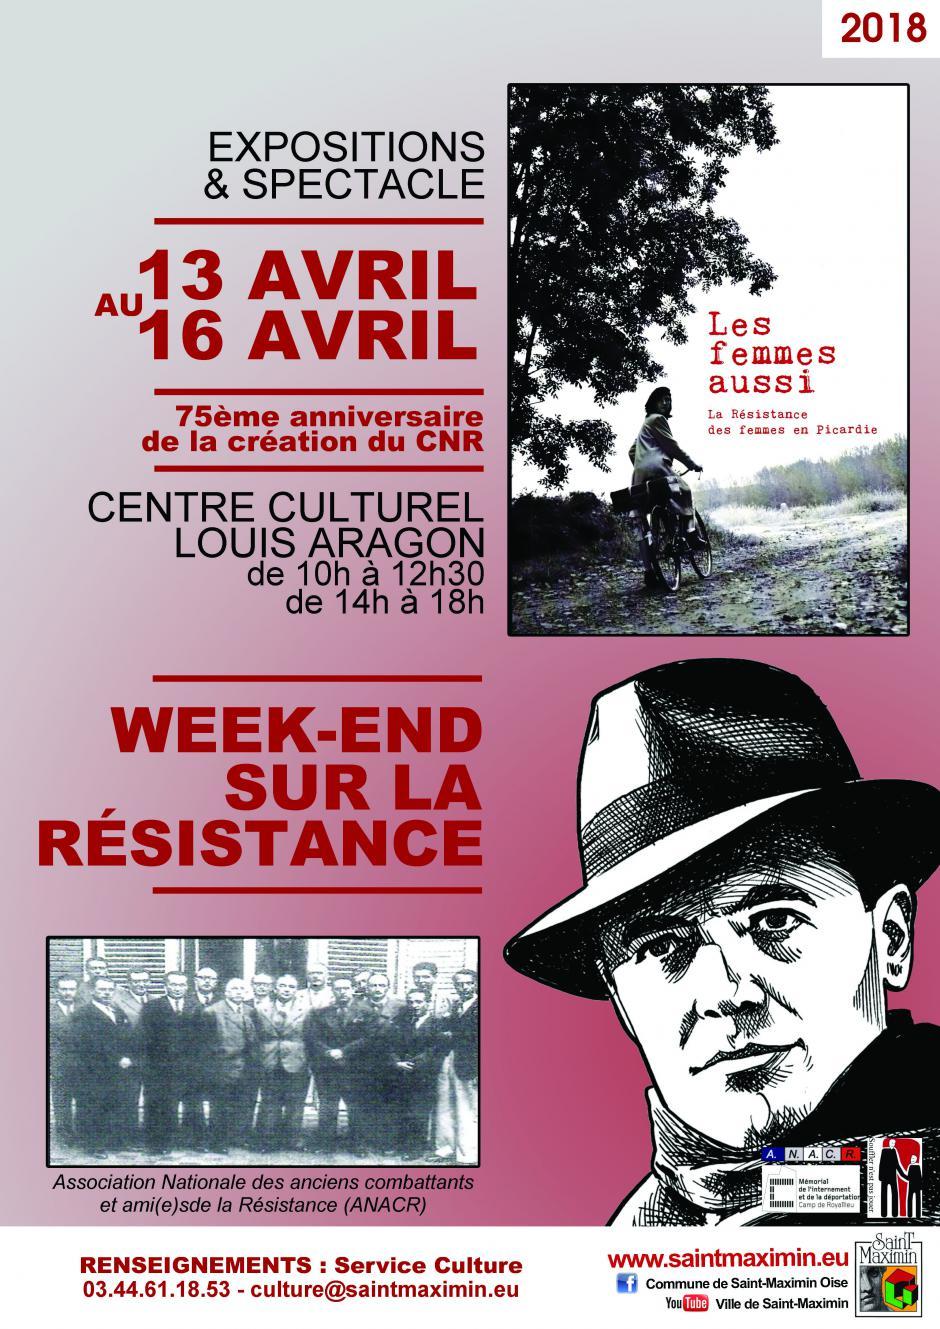 13 au 16 avril, Saint-Maximin - ANACR Oise-Week-end sur la Résistance